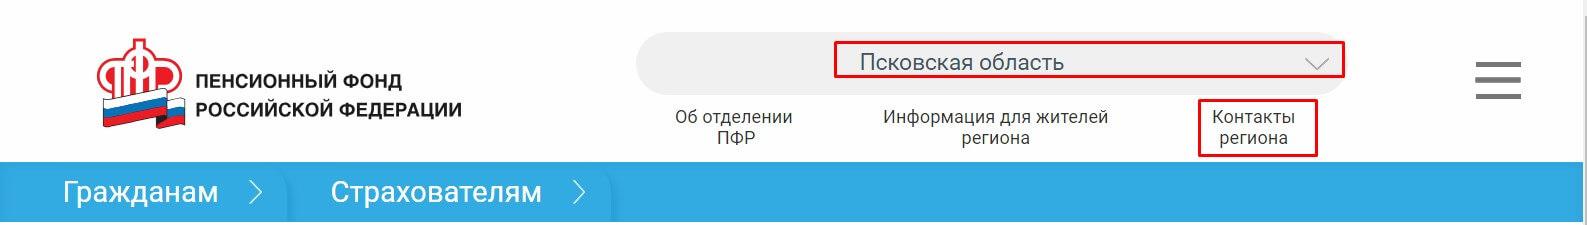 Пенсионный фонд Нижегородской области